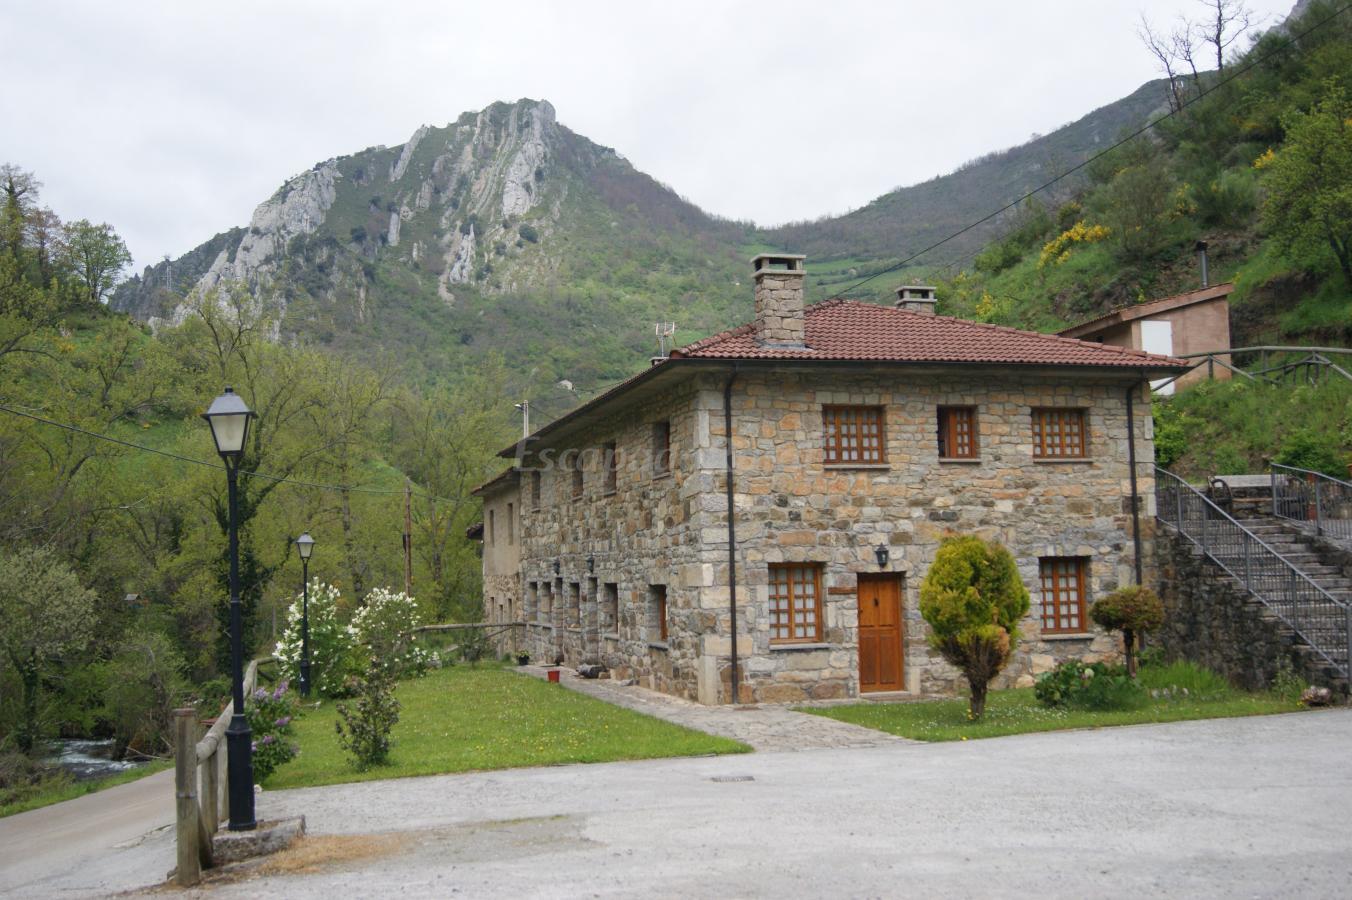 Fotos de apartamentos rurales casa marcelo ii casa de campo em veigas asturias - Casa de campo asturias ...